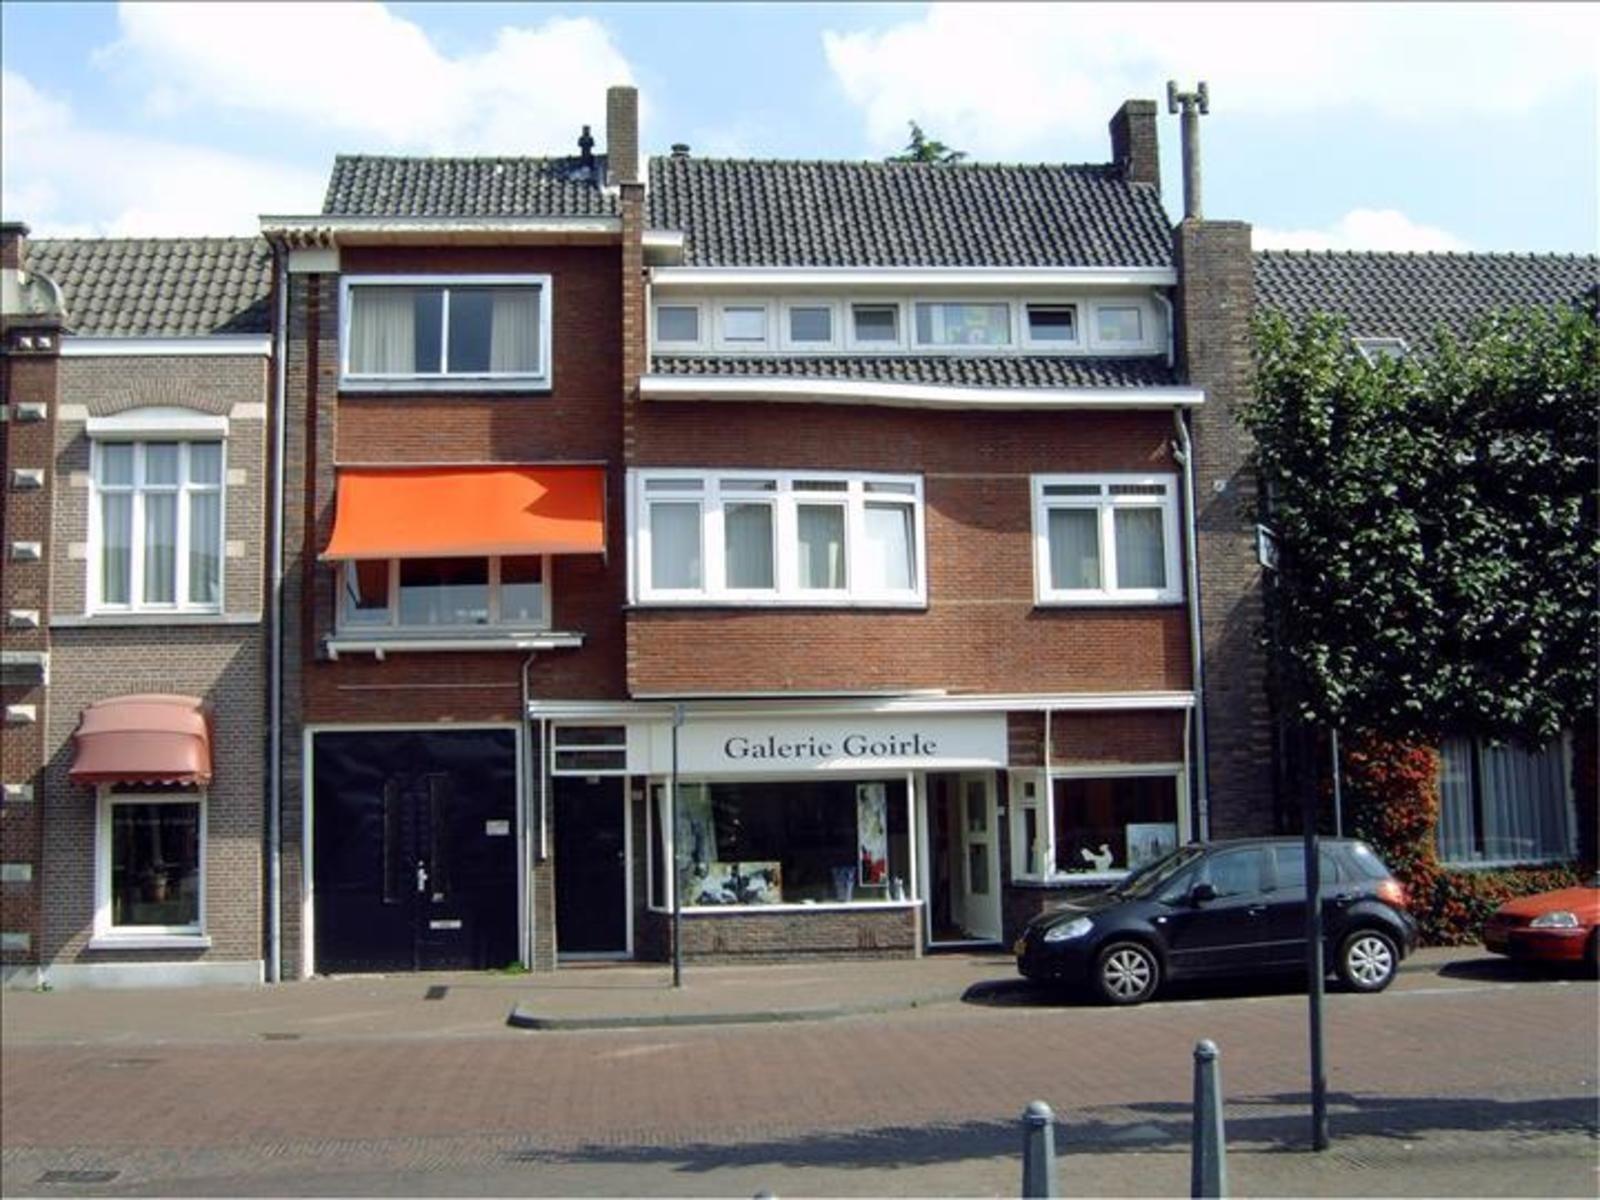 Tilburgseweg 17a, Goirle